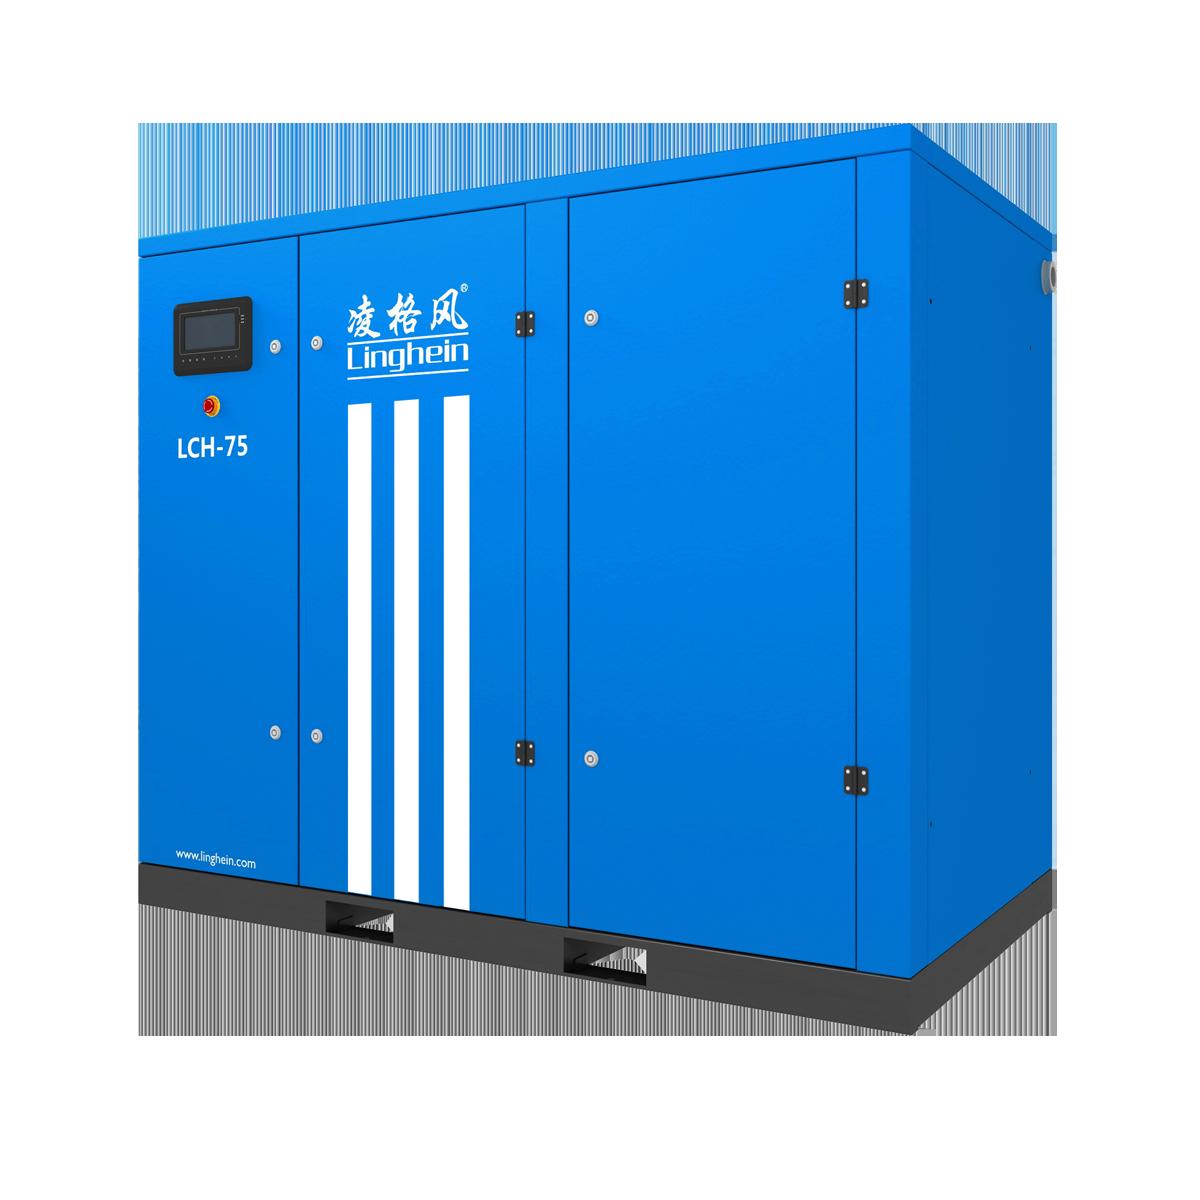 毕节LCH系列永磁变频空压机